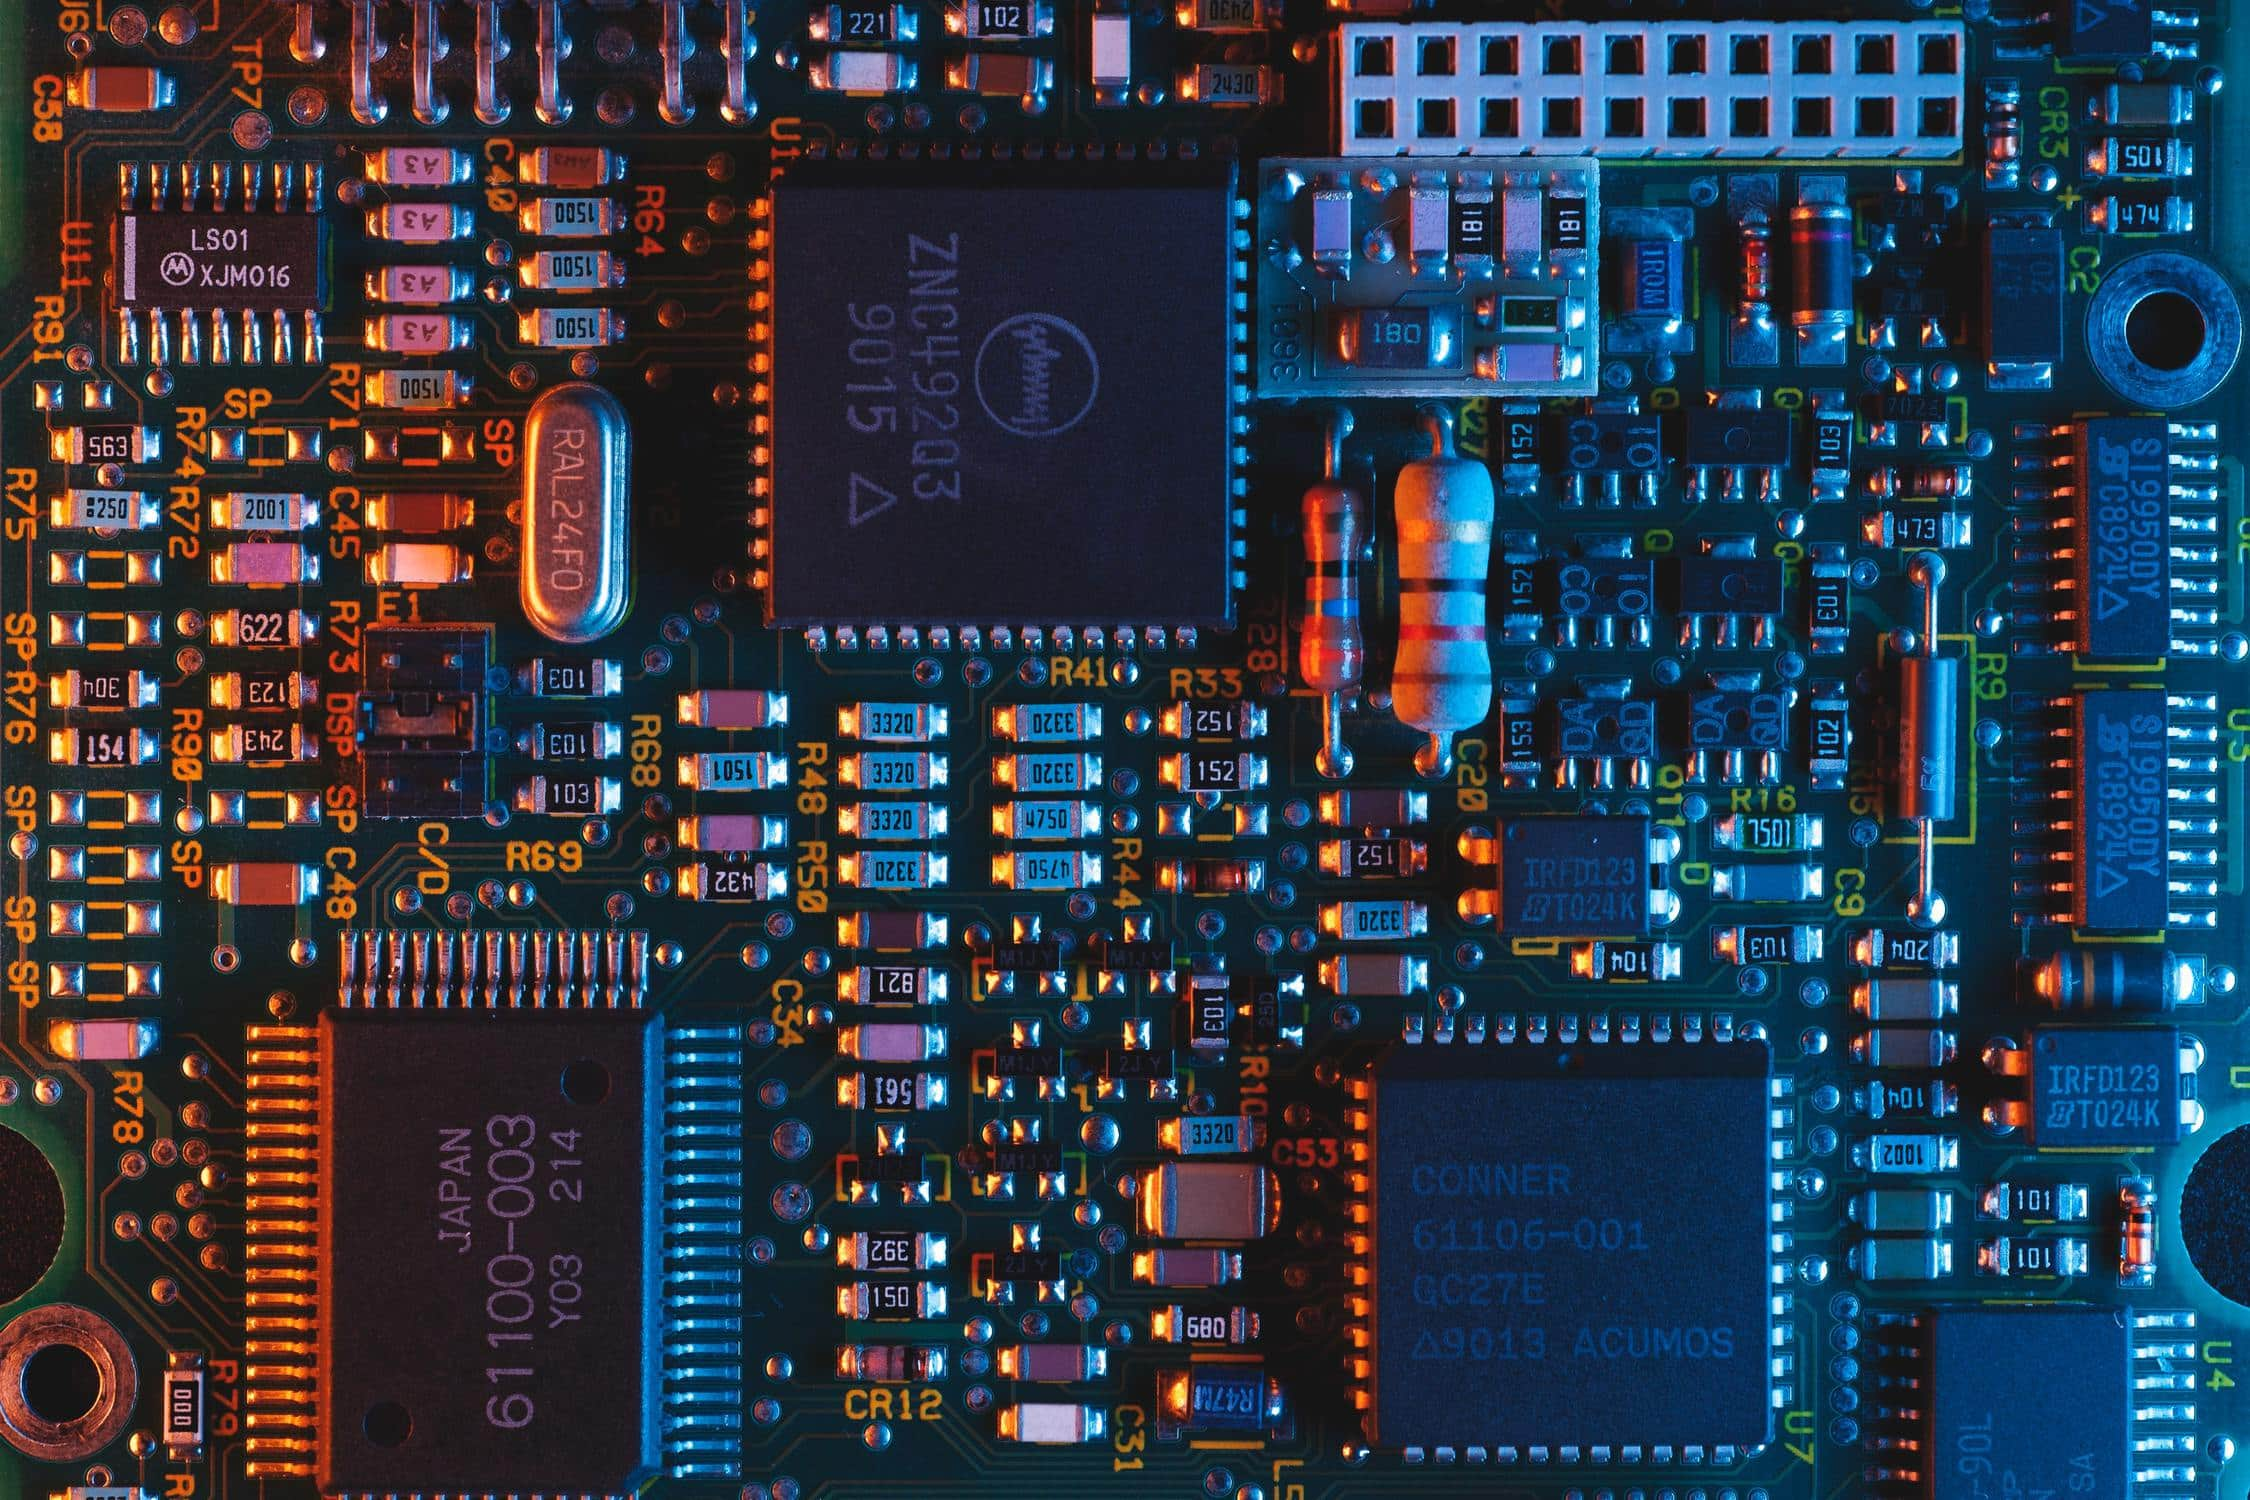 Elektronische Bauteile, bei denen elektrisches Rauschen entsteht